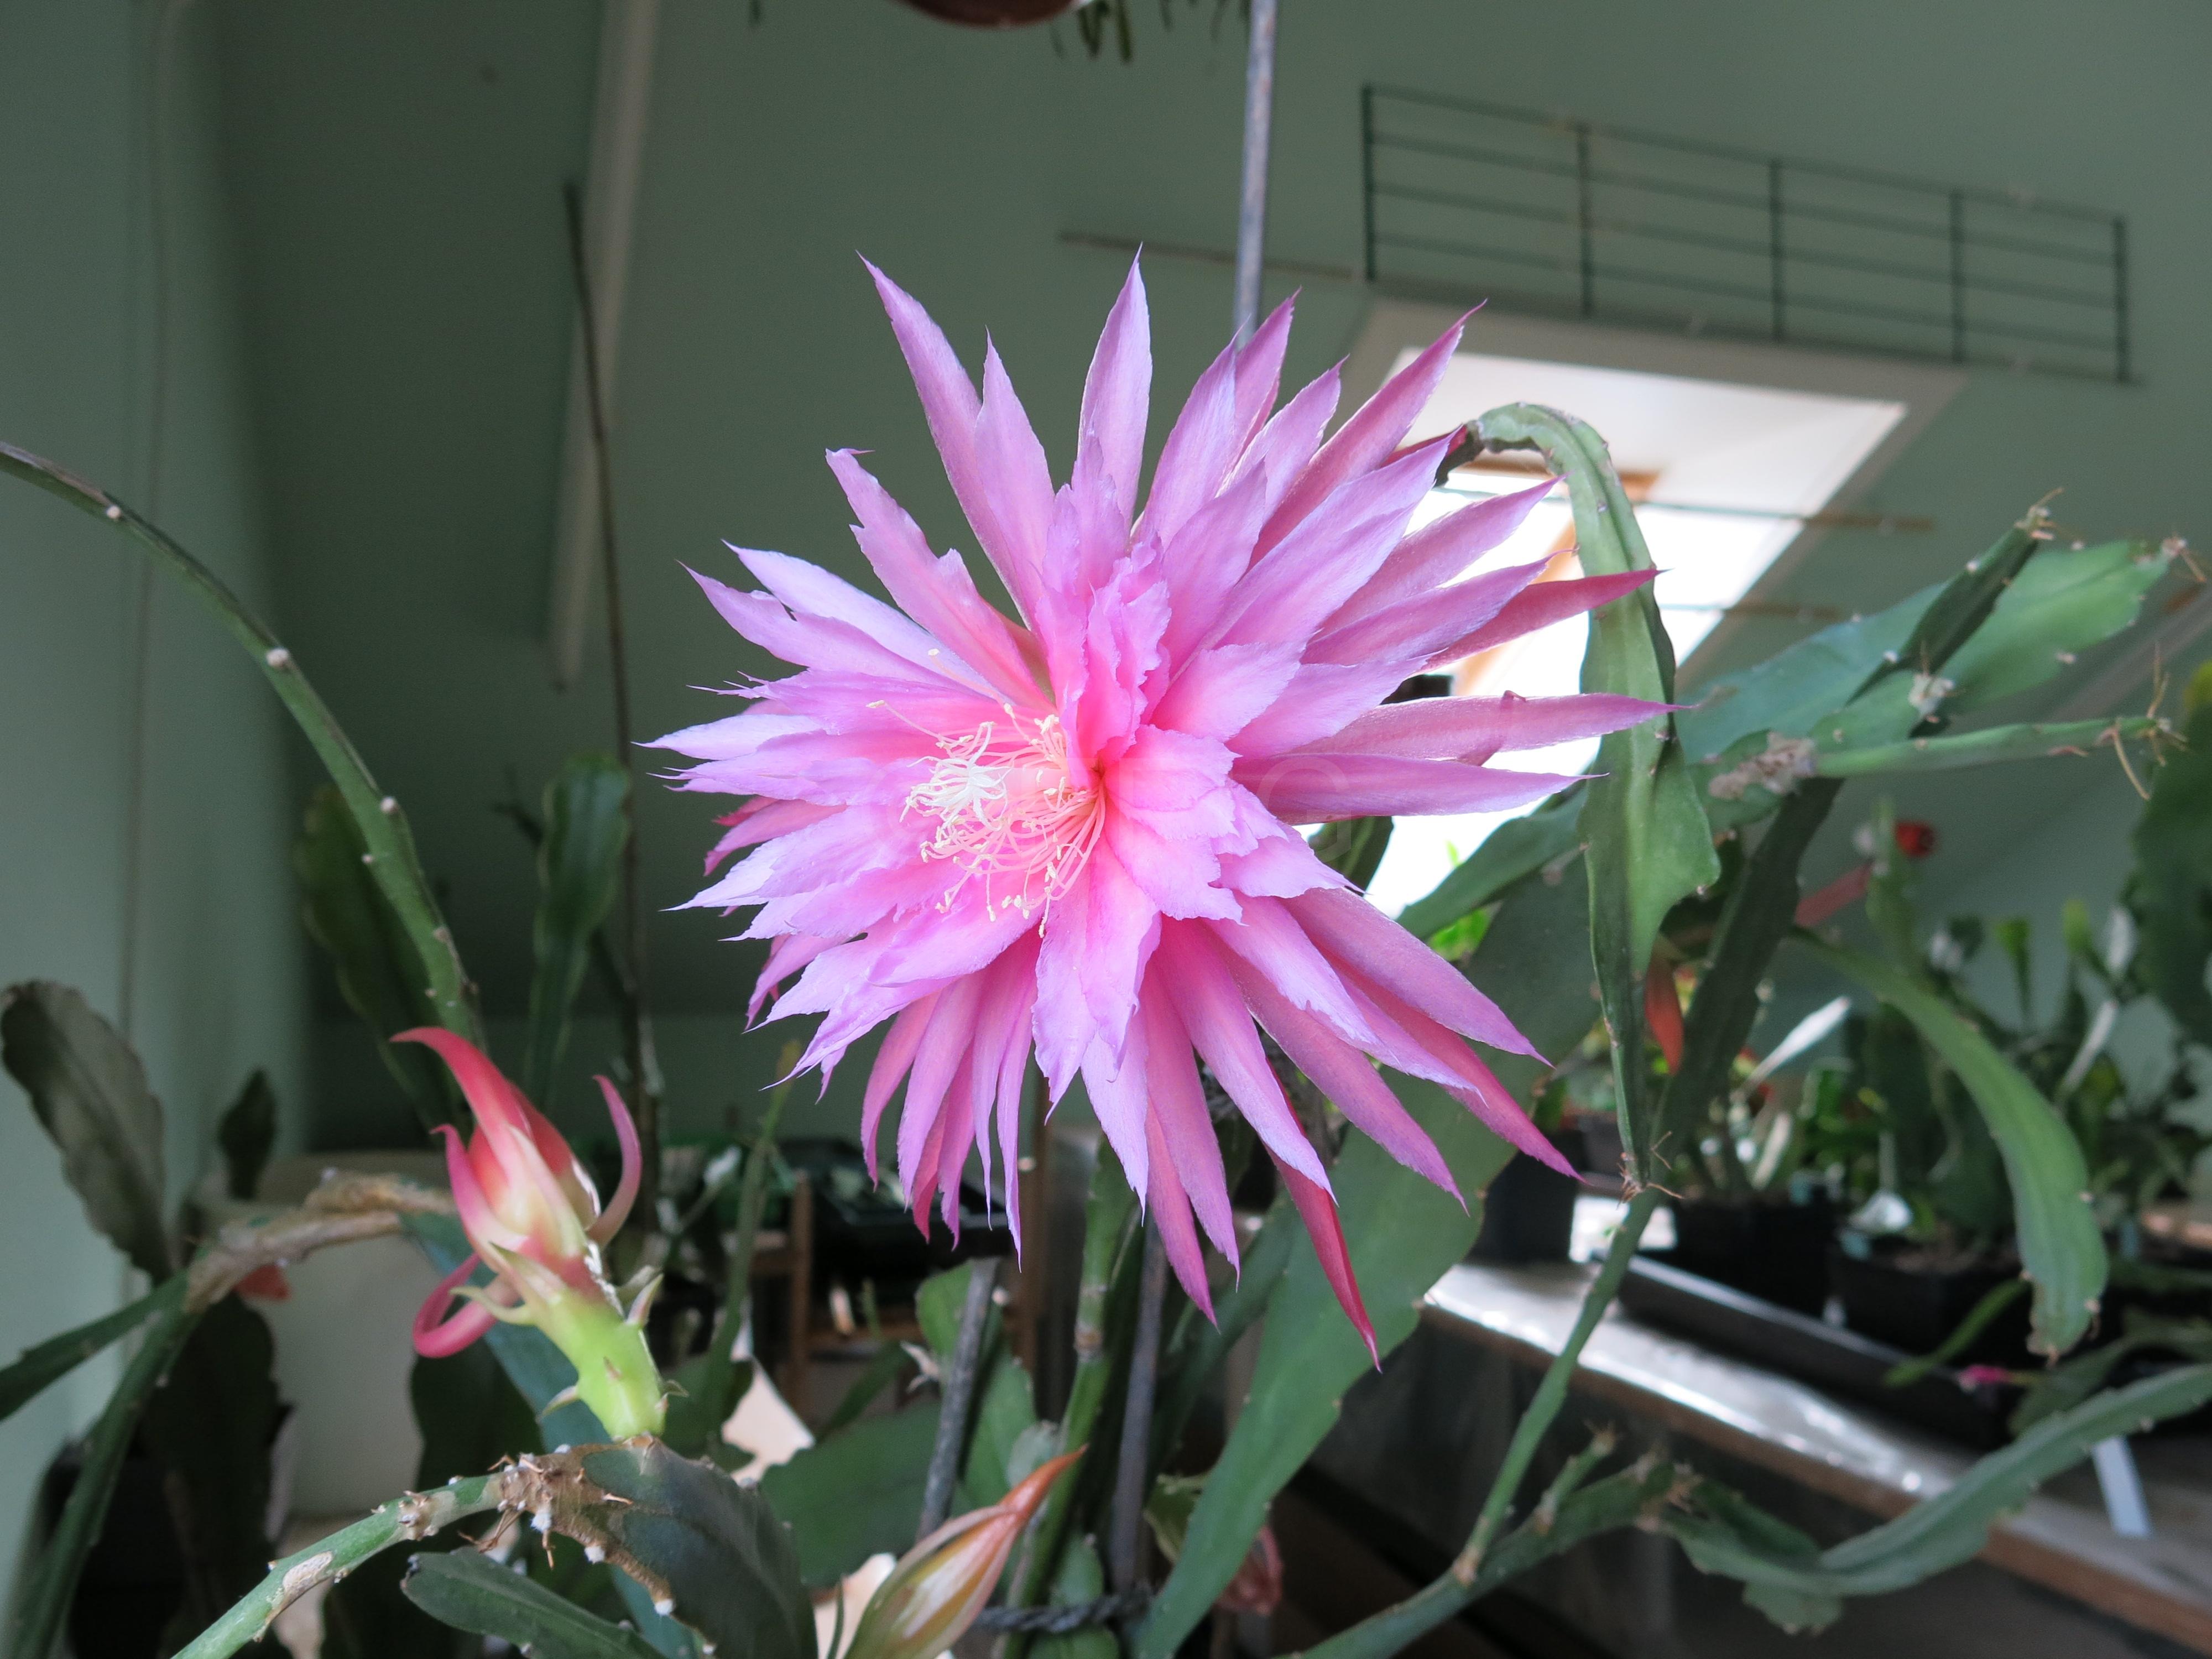 Epikaktus 'Pink Plumes' (Foto Walter Widmann)